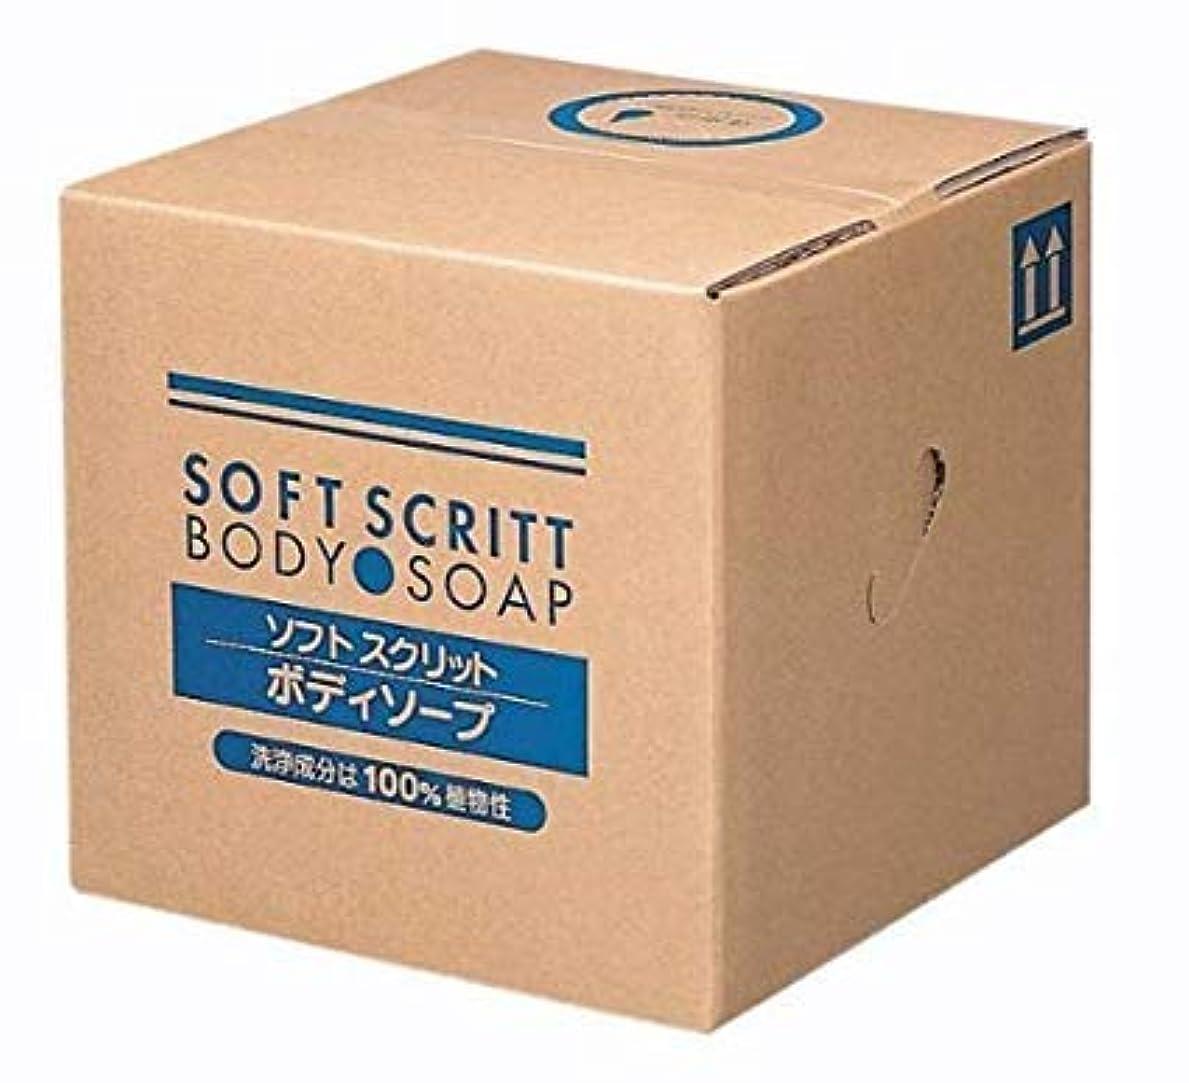 サイクロプスデジタル書き出すSOFT SCRITT(ソフトスクリット) ボディソープ 詰替用 18L 4353 (熊野油脂) (清拭小物)